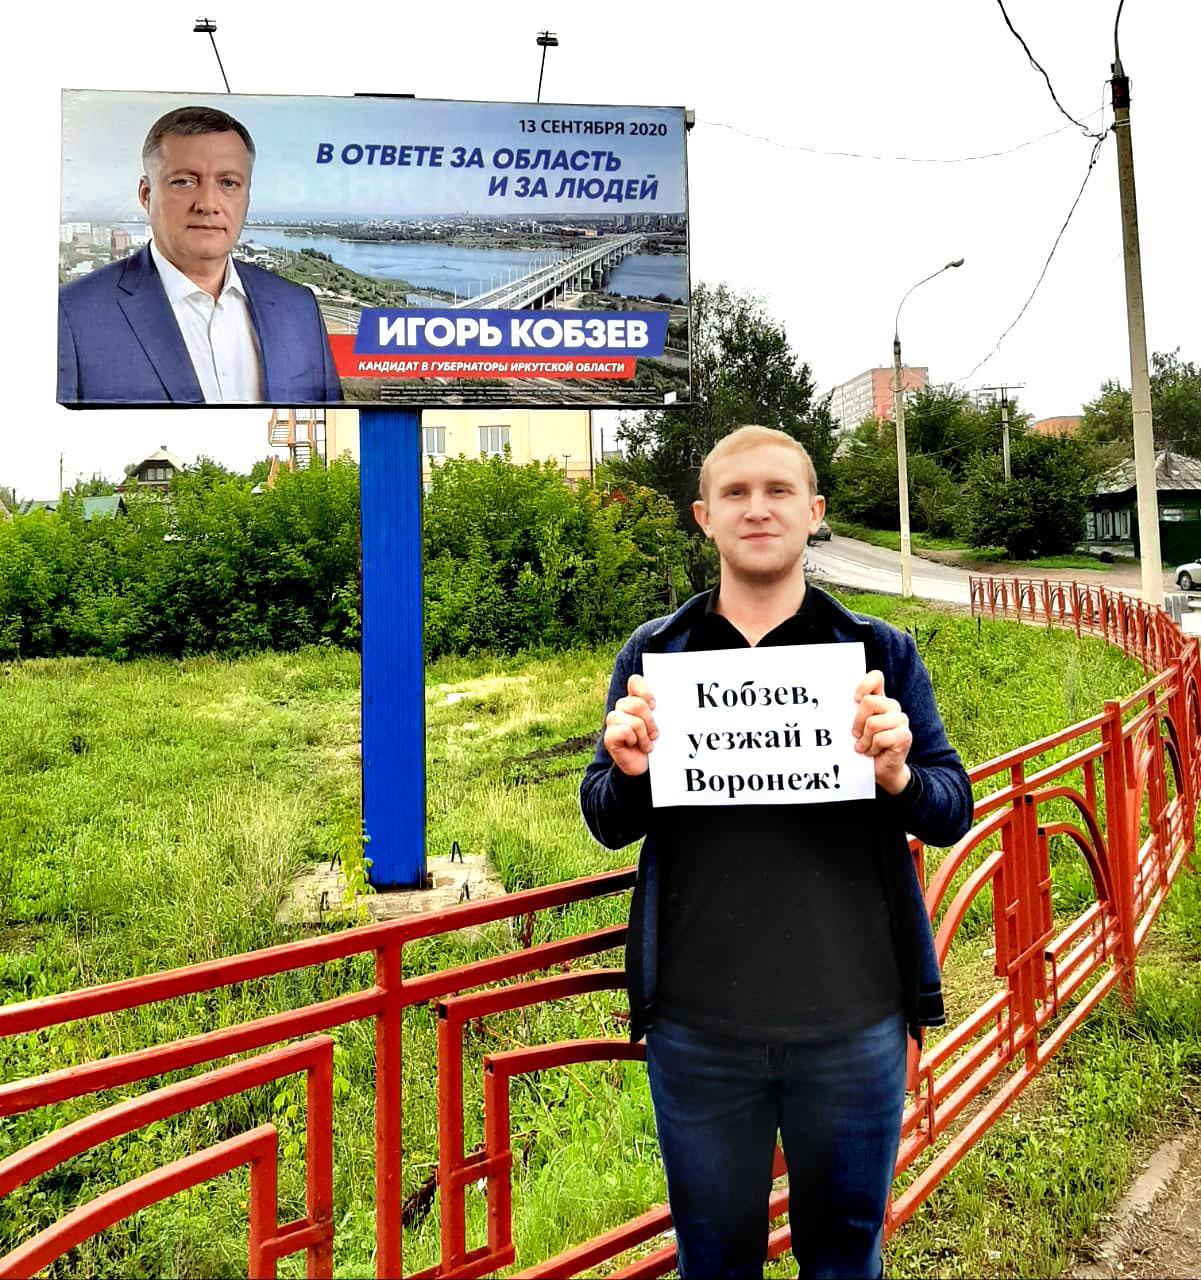 Иркутская прогрессивная молодежь вышла на одиночные пикеты против ставленника Кремля и единоросса Игоря Кобзева